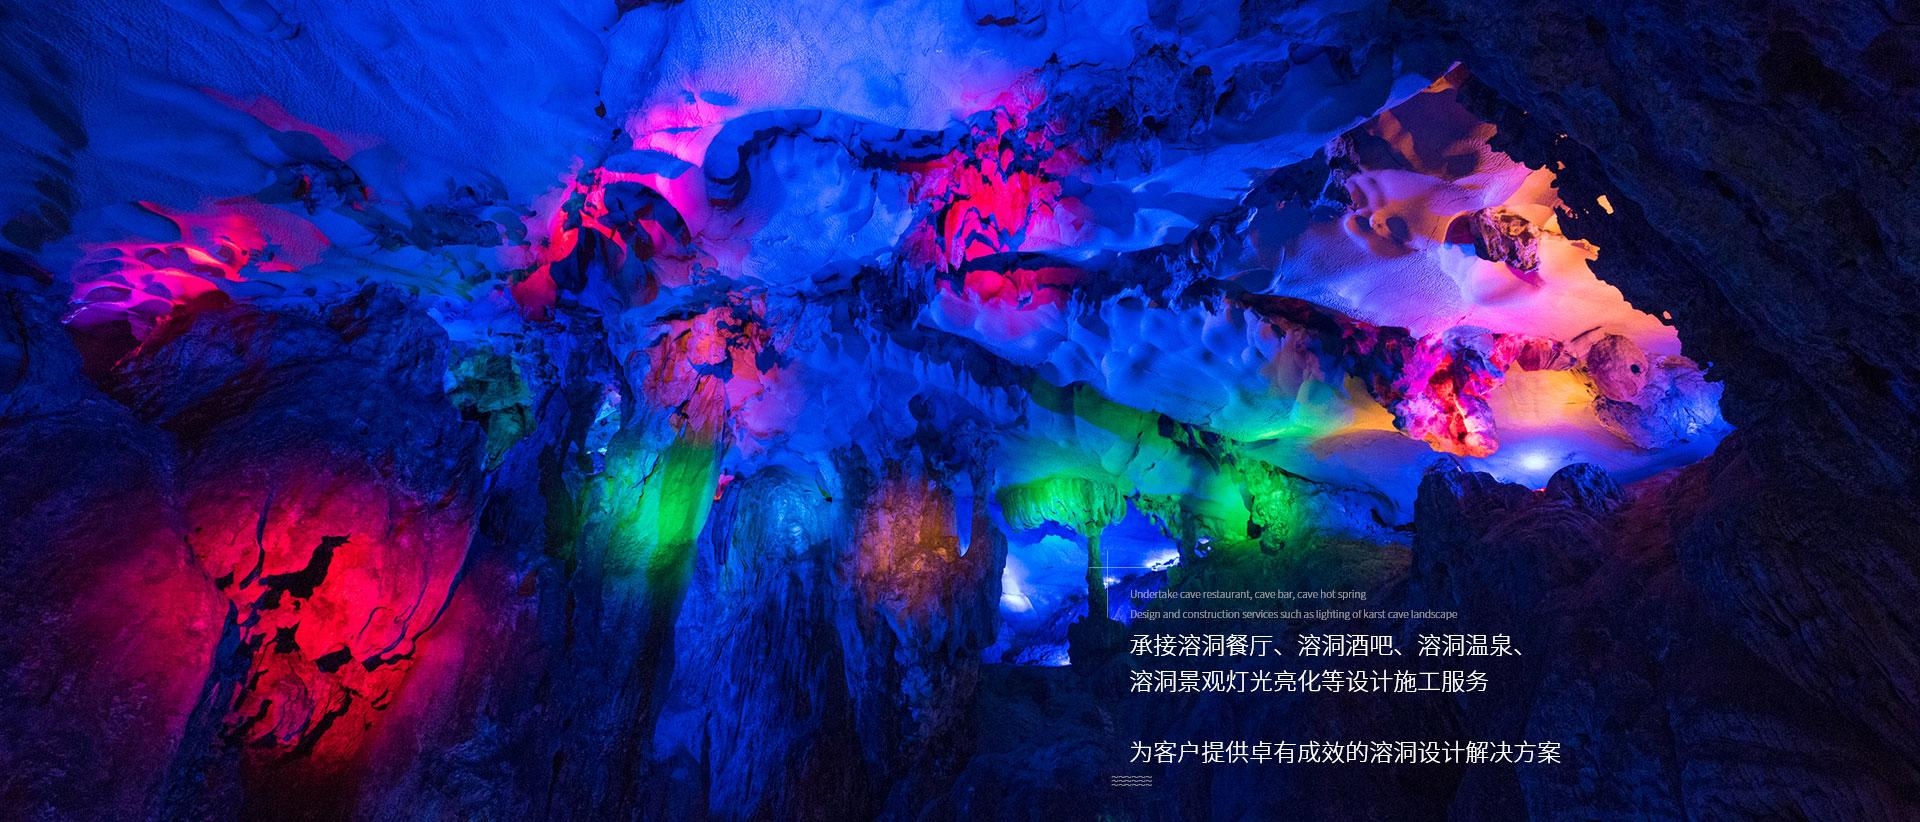 重庆溶洞景观设计公司